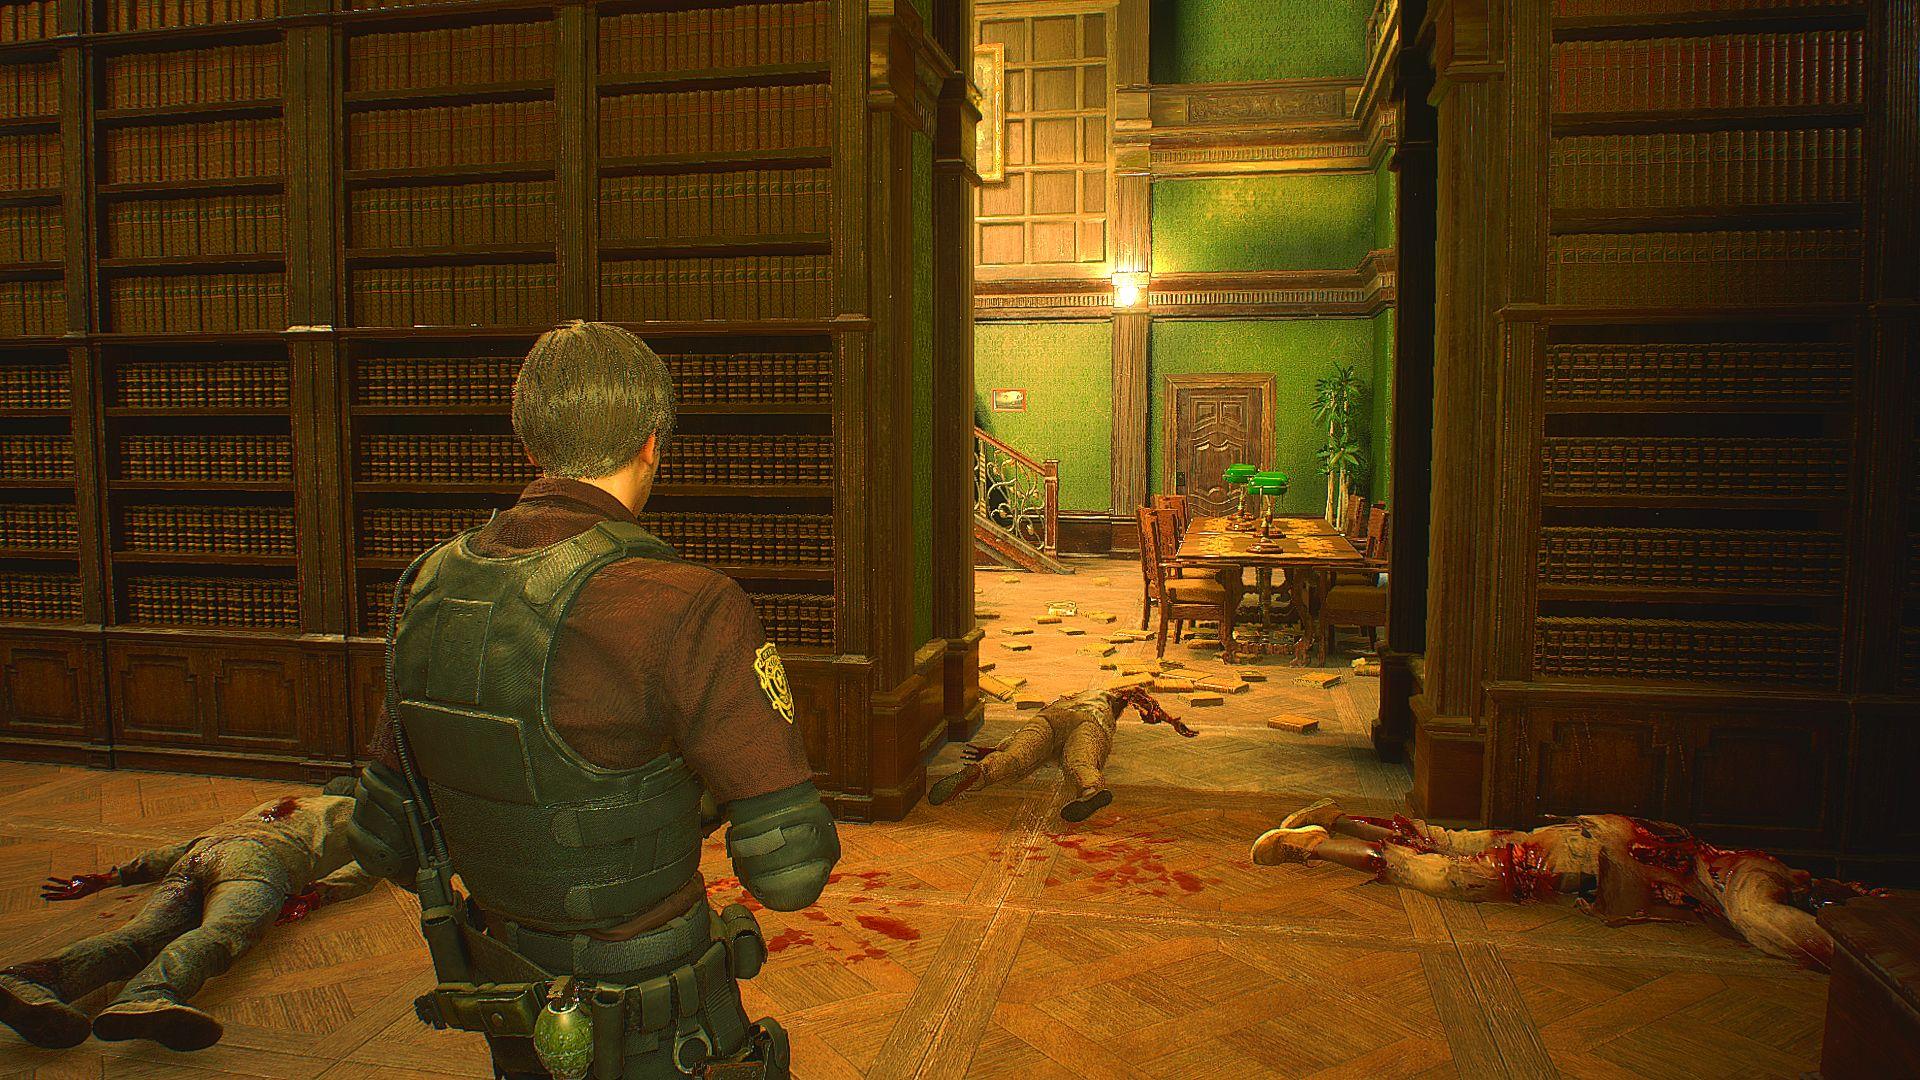 000722.Jpg - Resident Evil 2